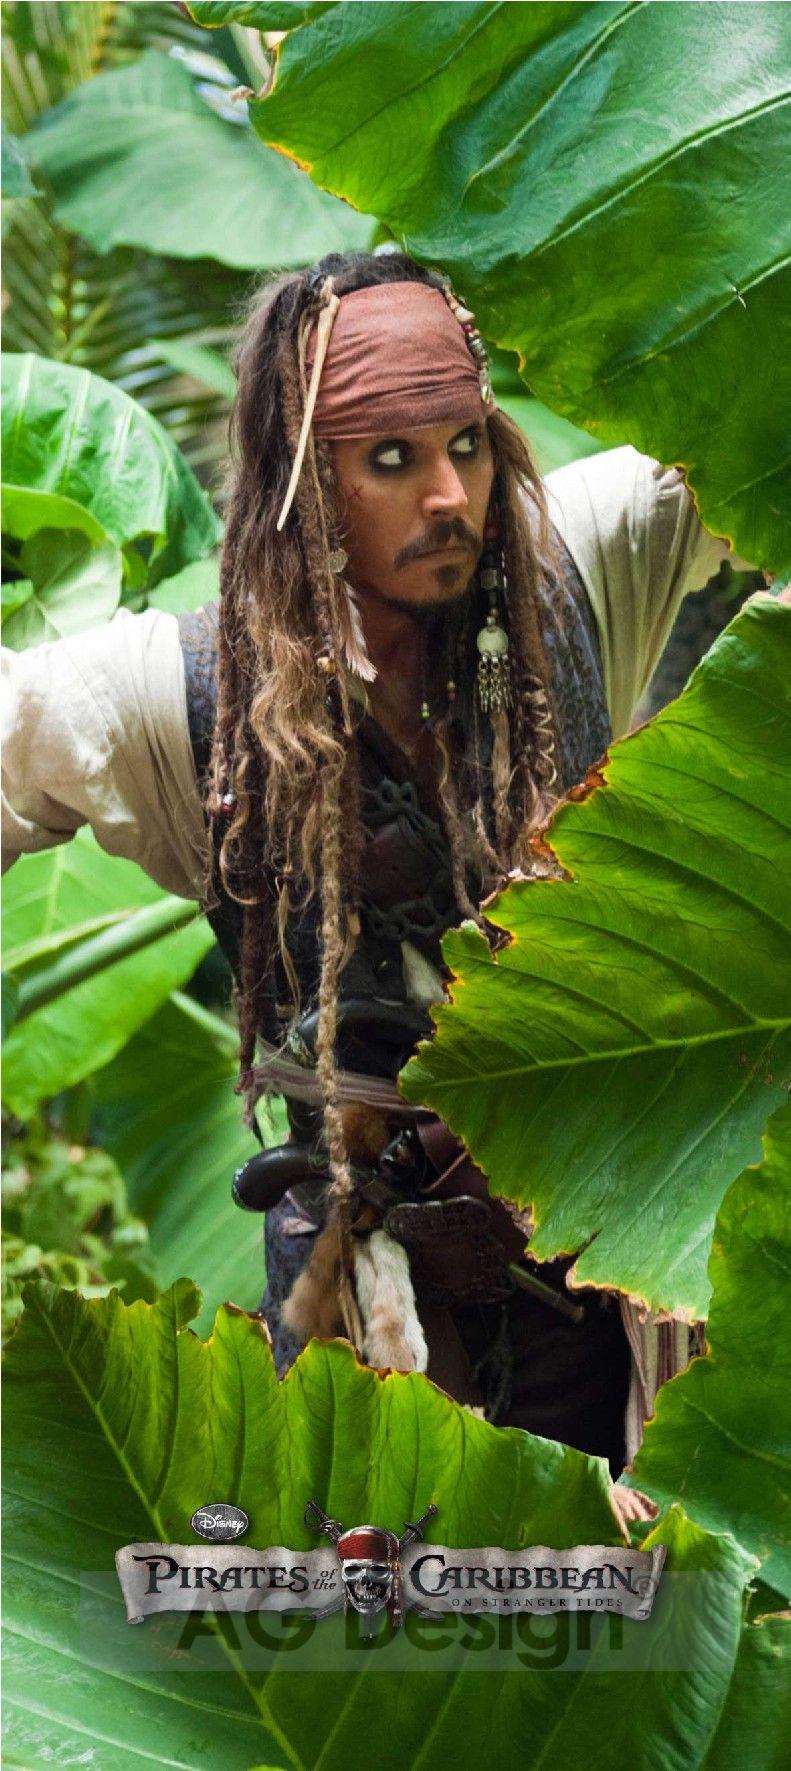 Fototapeta Piráti z Karibiku 0269 (1-dílná papírová tapeta)